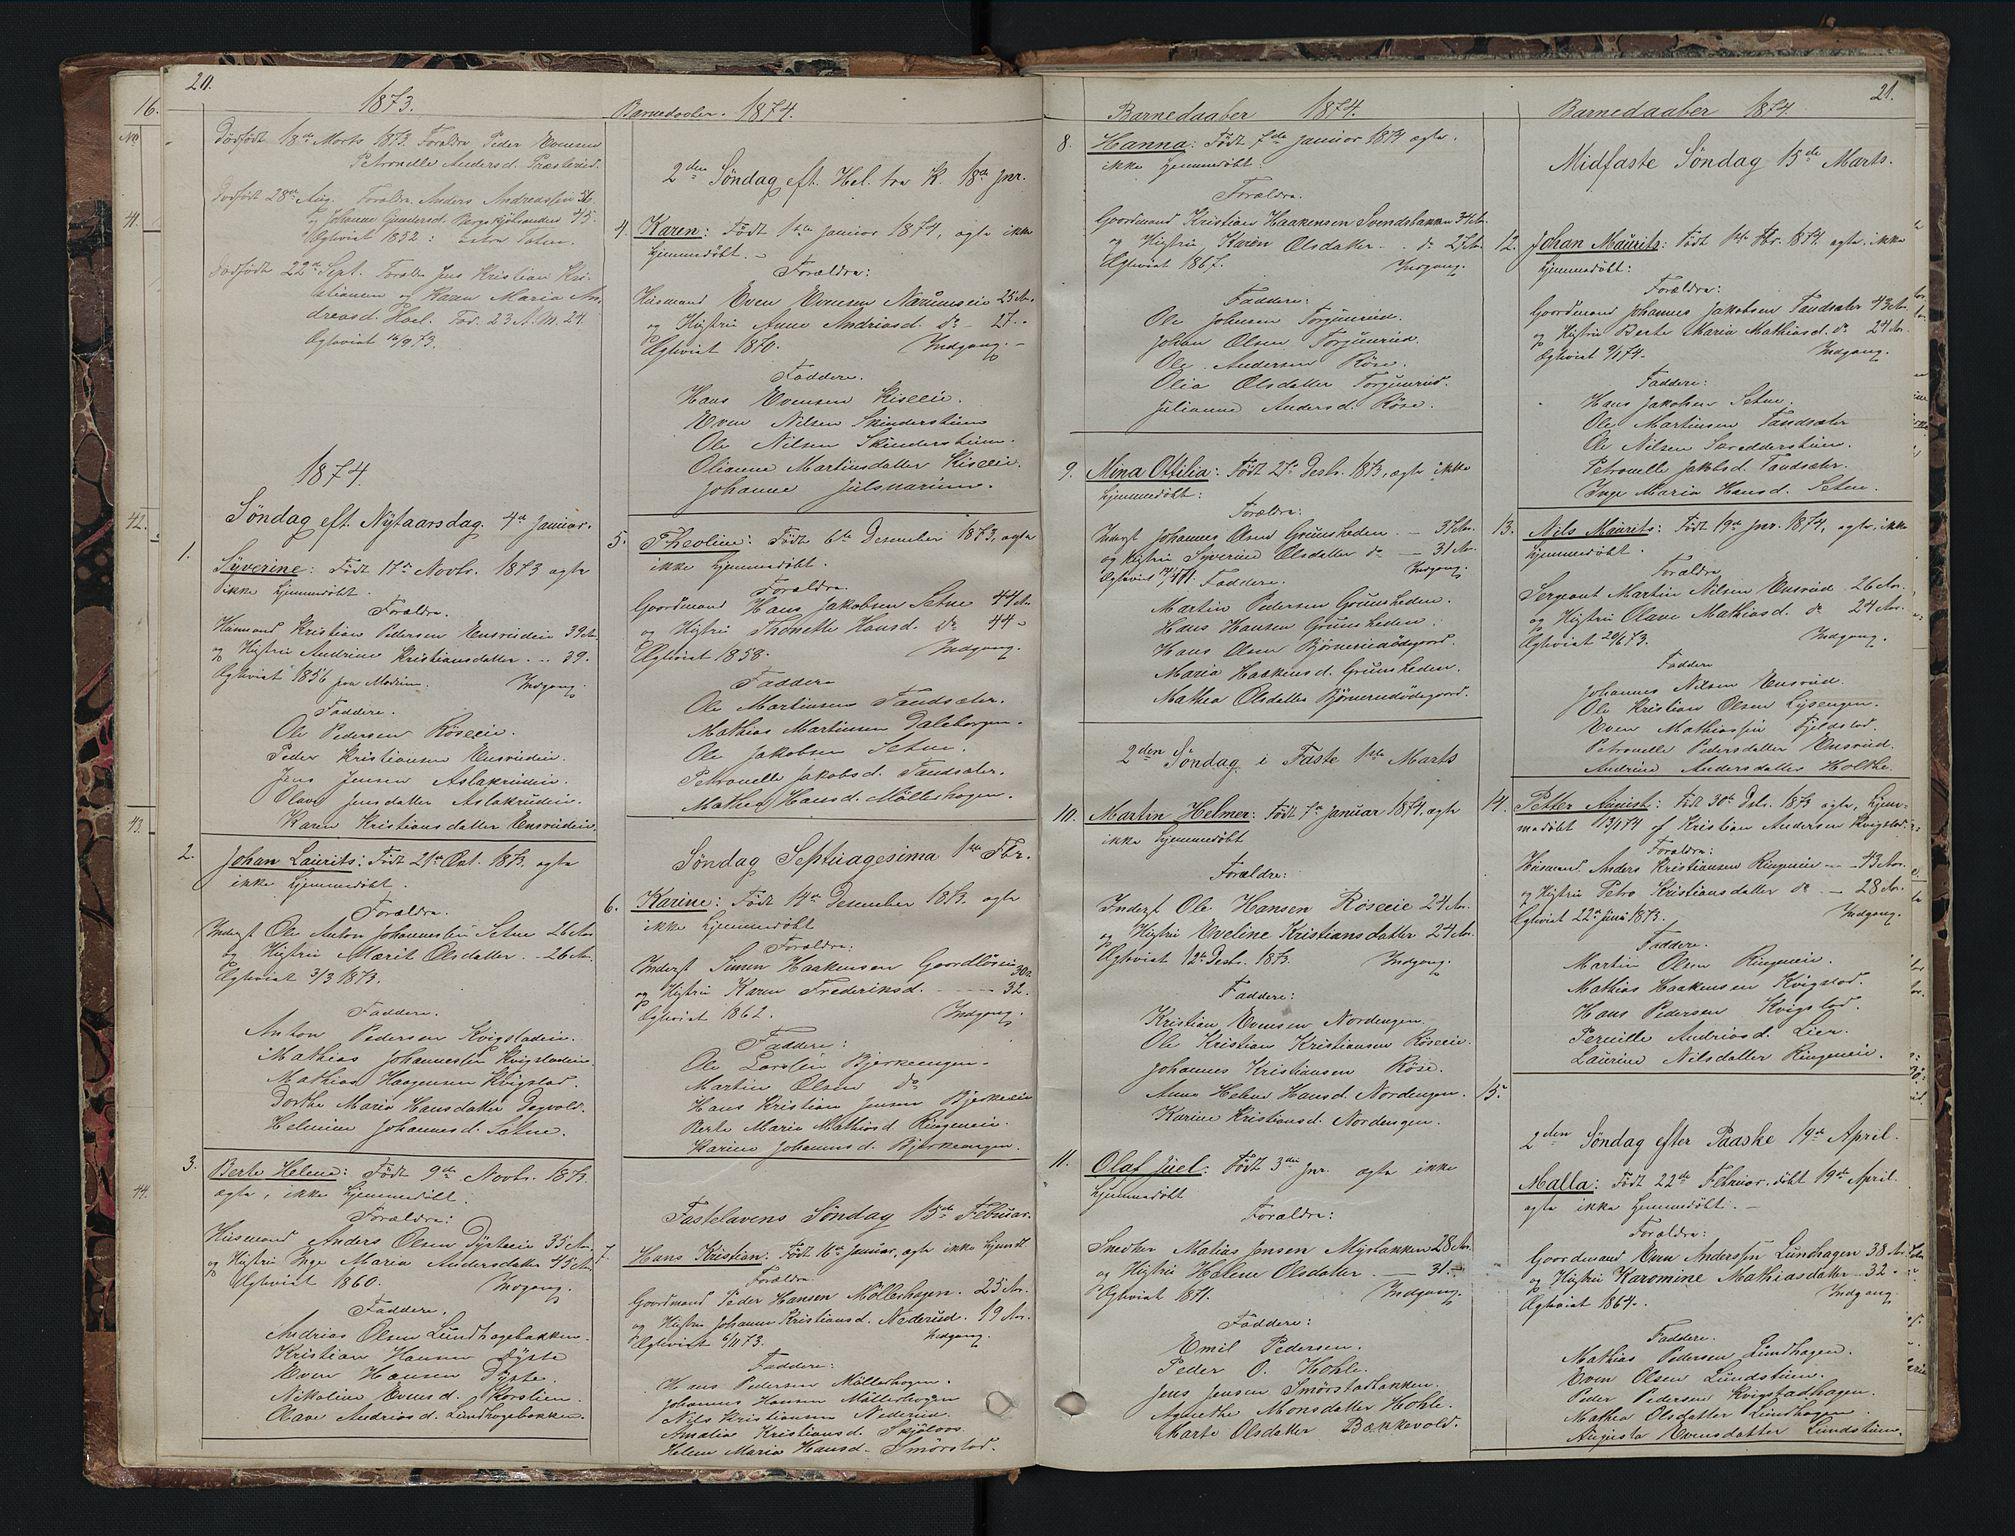 SAH, Vestre Toten prestekontor, Klokkerbok nr. 7, 1872-1900, s. 20-21